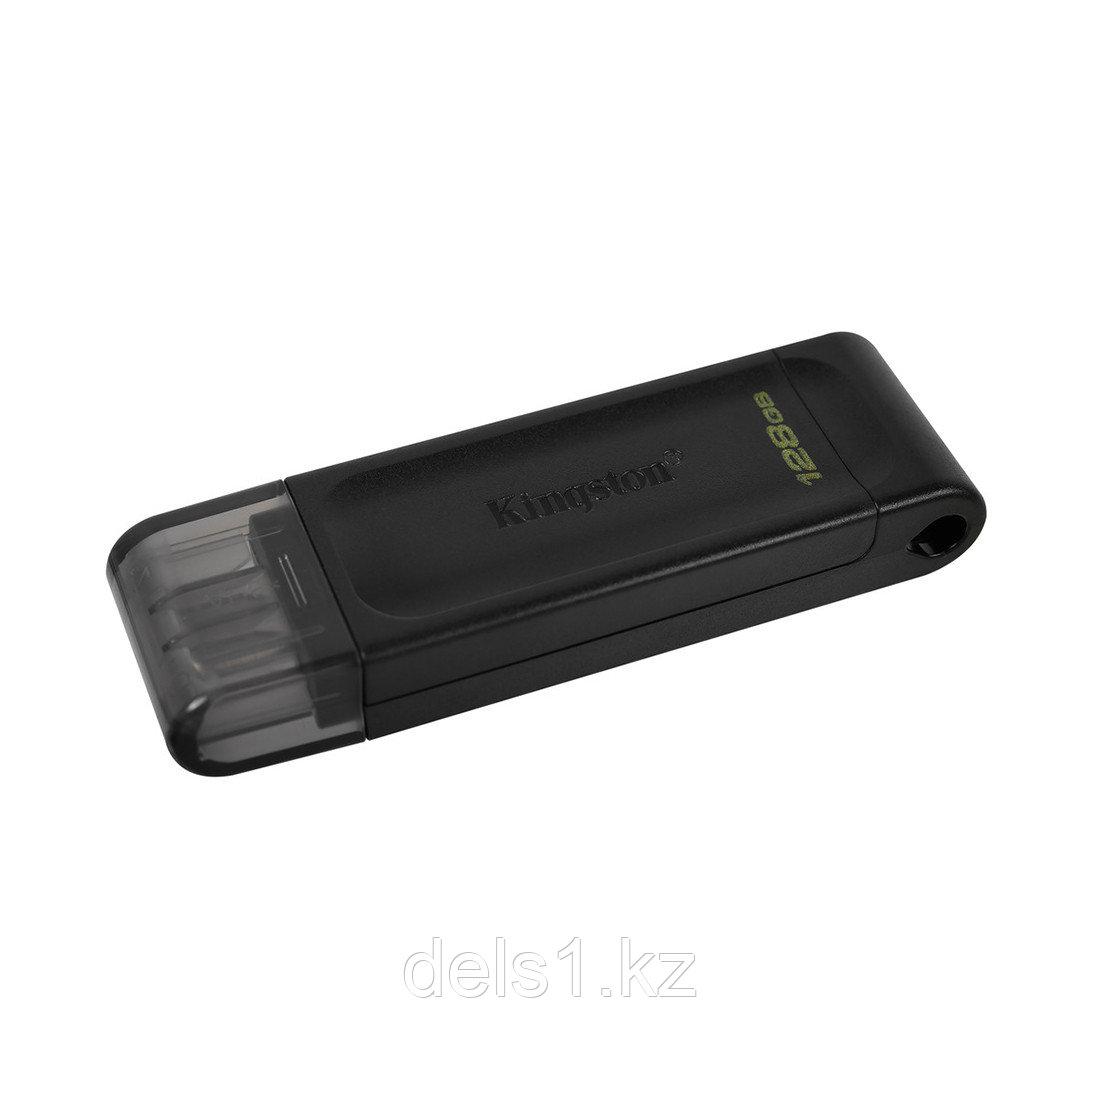 USB-накопитель Kingston DT70/128GB Type-C 128GB Чёрный